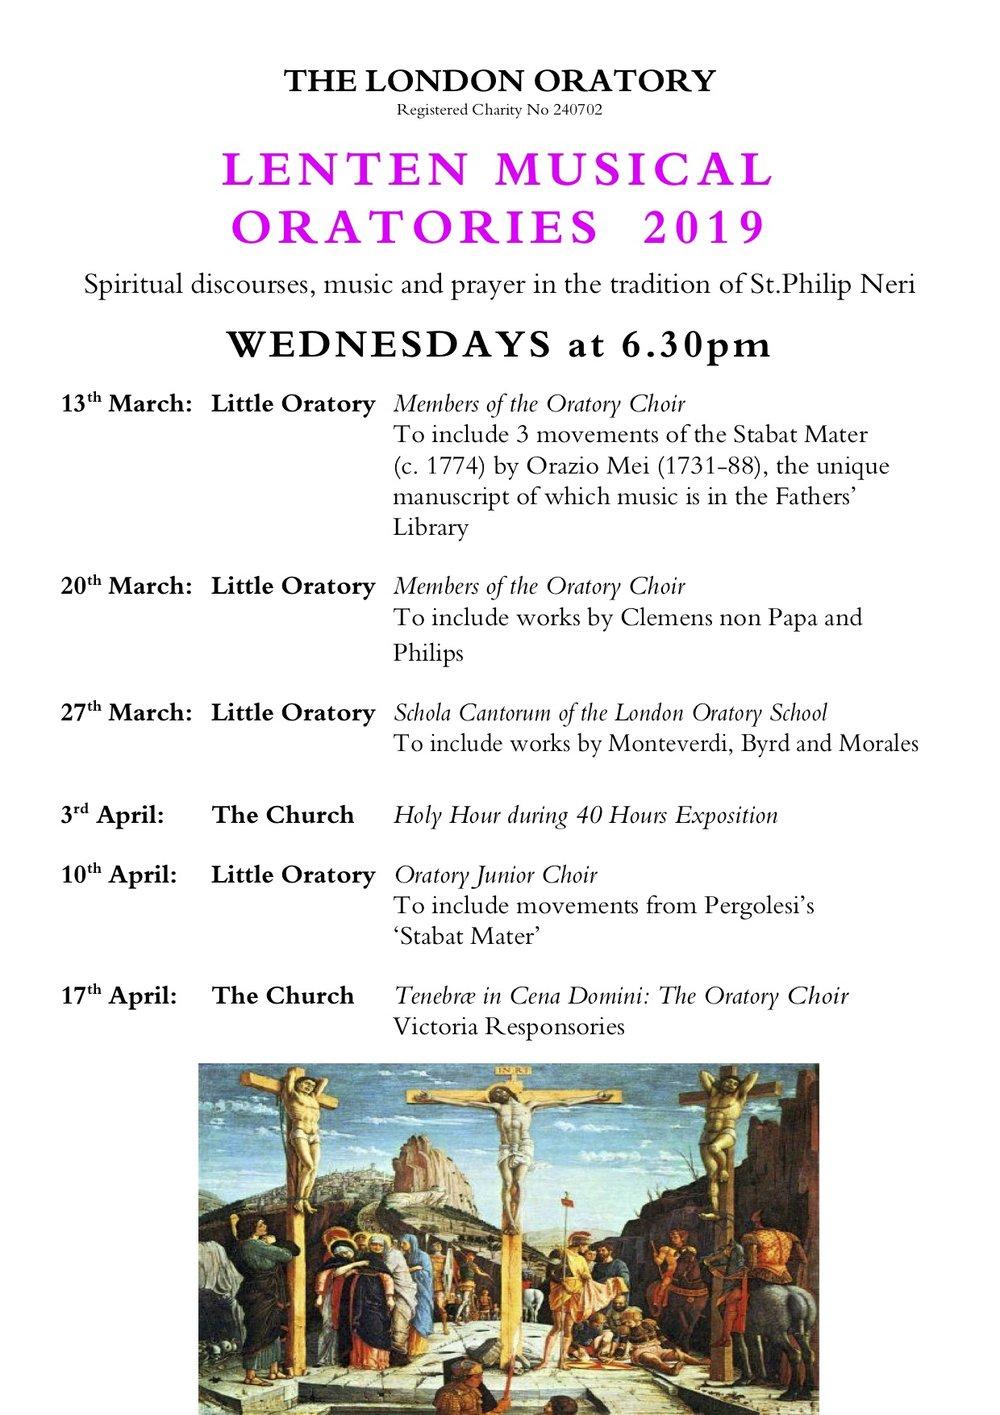 Lenten Musical Oratory 2019.jpg